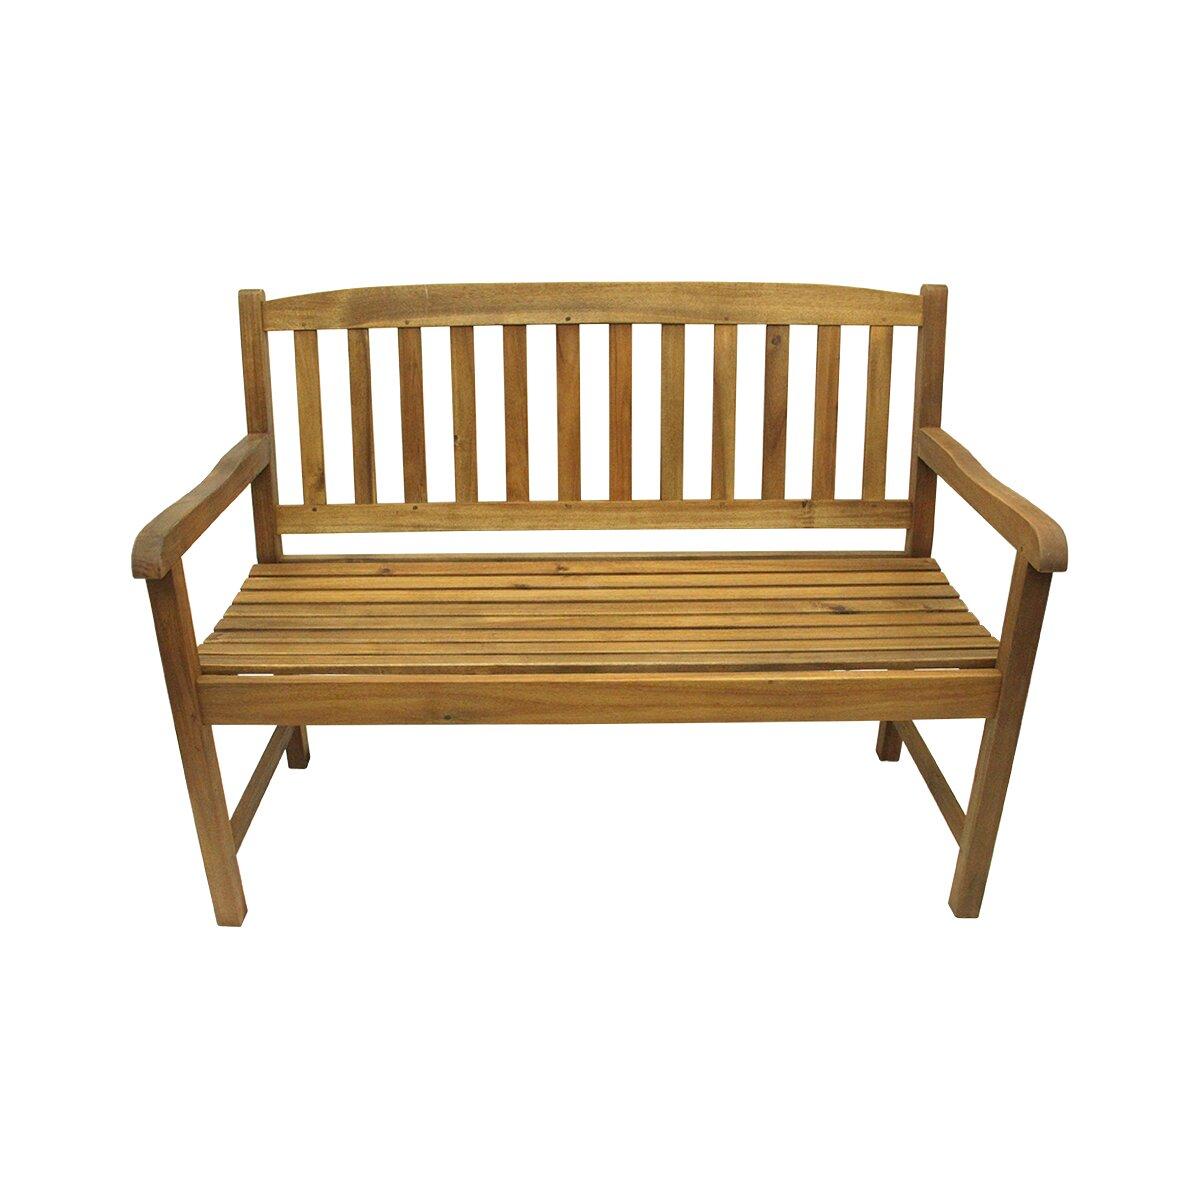 Northlight Acacia Wood Outdoor Patio Garden Bench